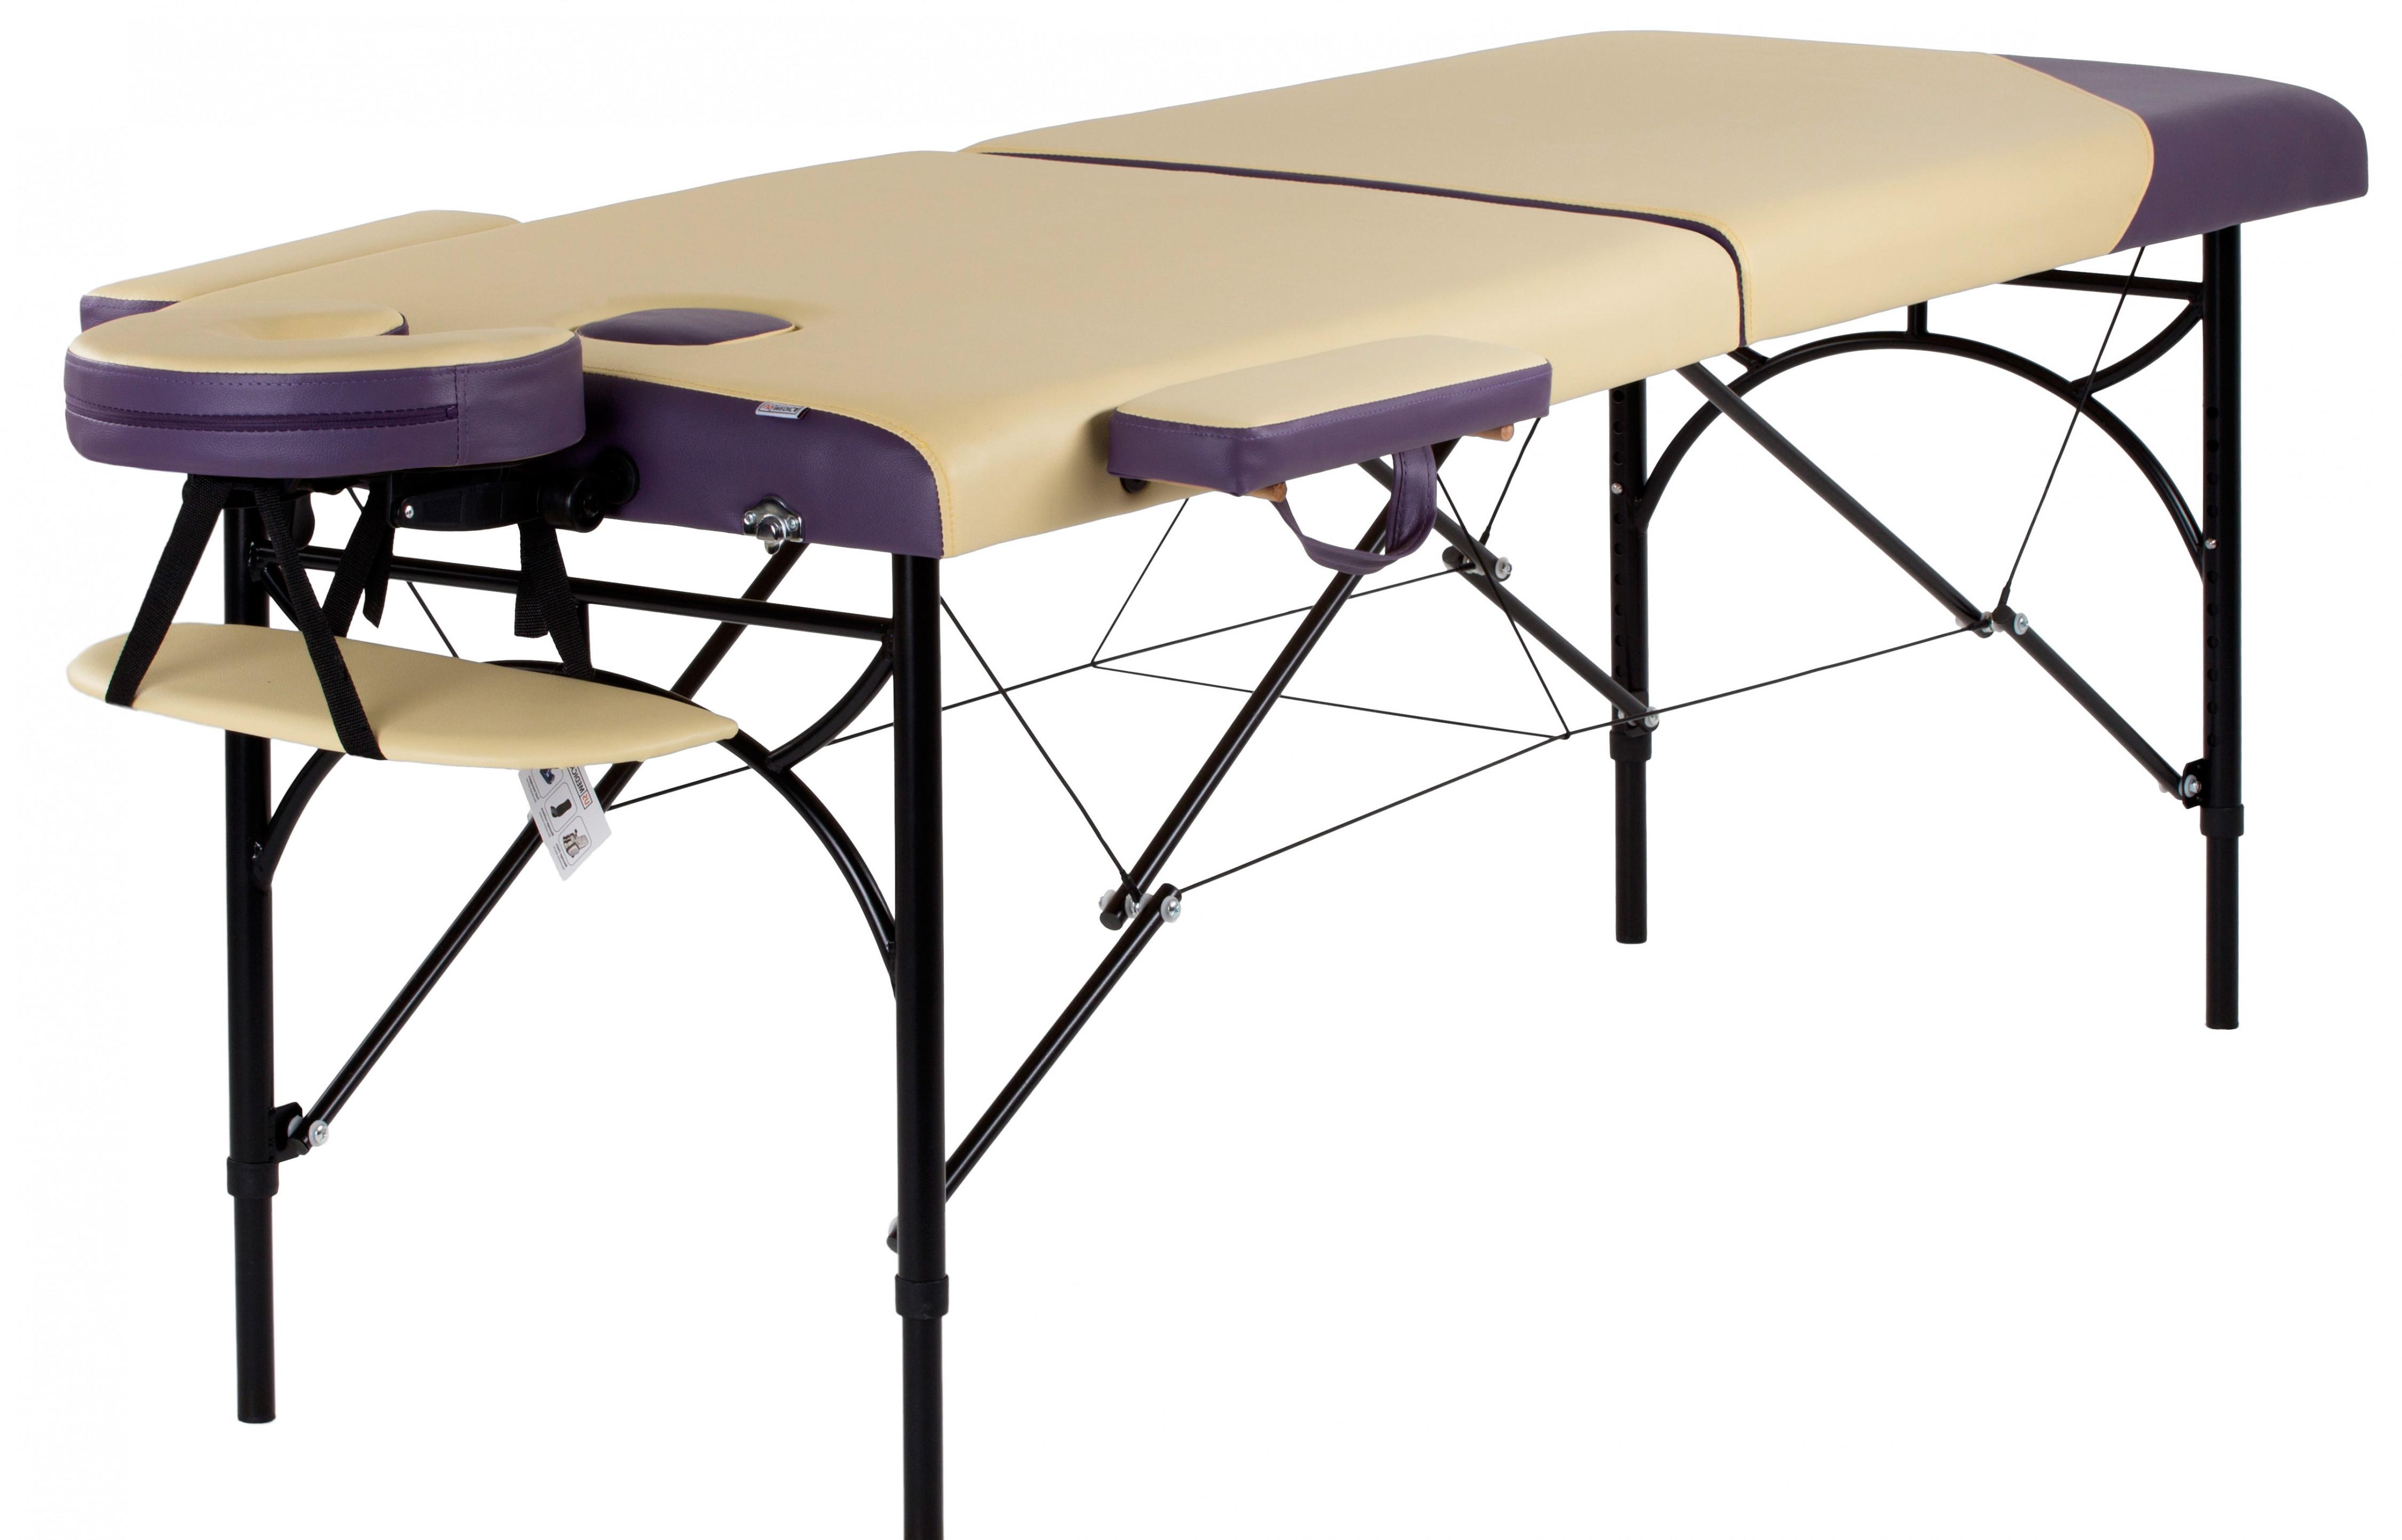 Складной массажный стол US Medica MasterОпытным мастерам древнего искусства возвращения энергии целительными прикосновениями нужен массажный стол, в котором воплощены самые передовые высокие технологии настоящего и даже будущего.<br>